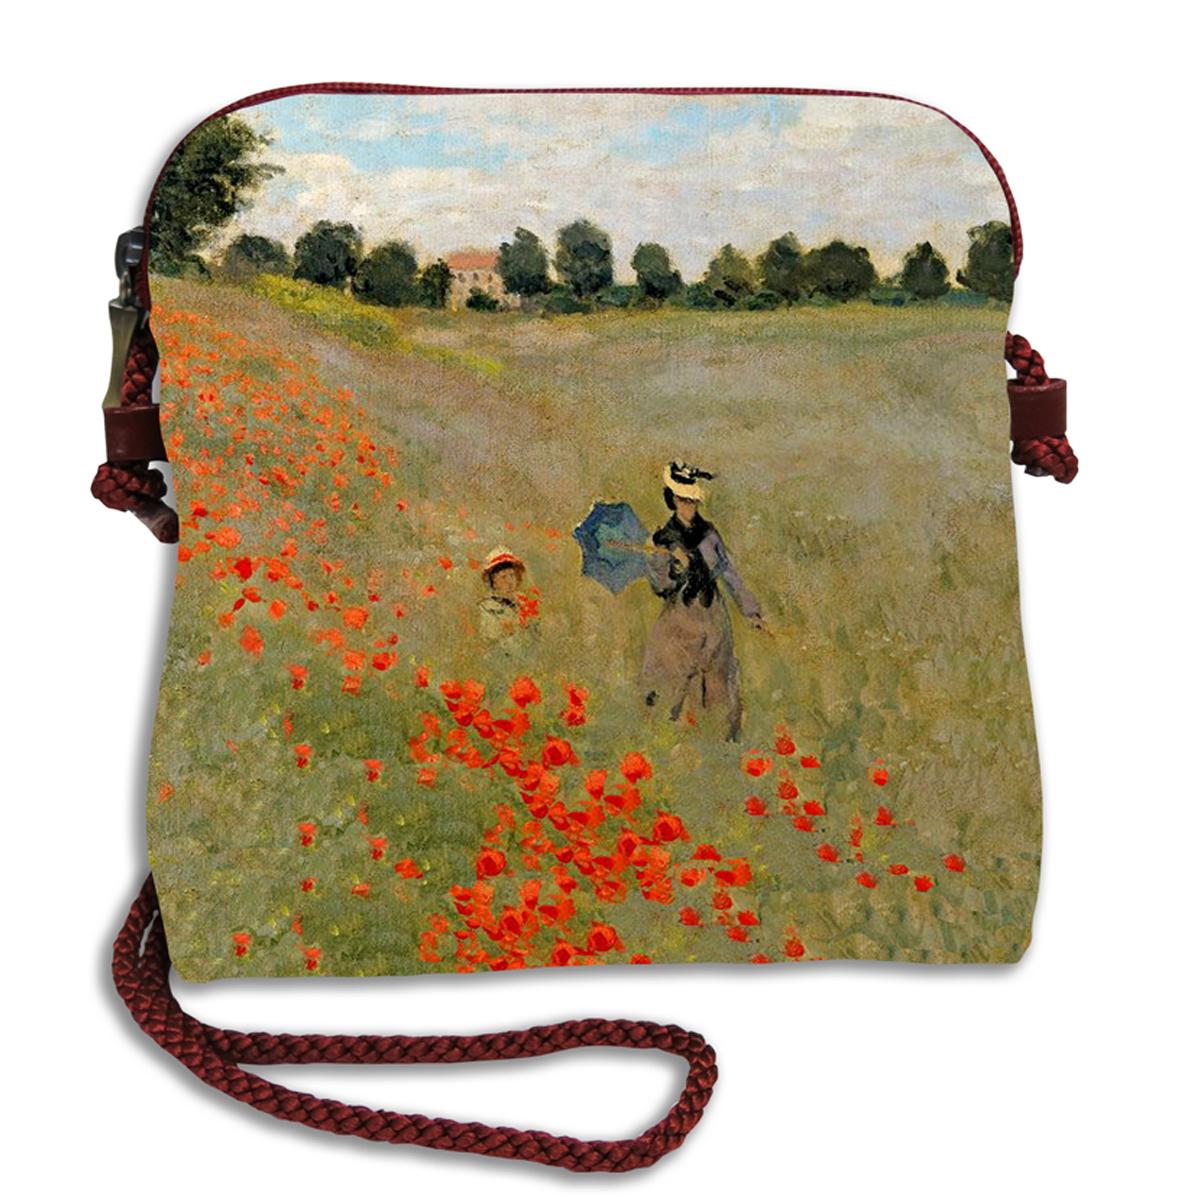 Sac bandoulière artisanal \'Claude Monet\' (les Coquelicots)  - 18x17 cm - [Q6659]